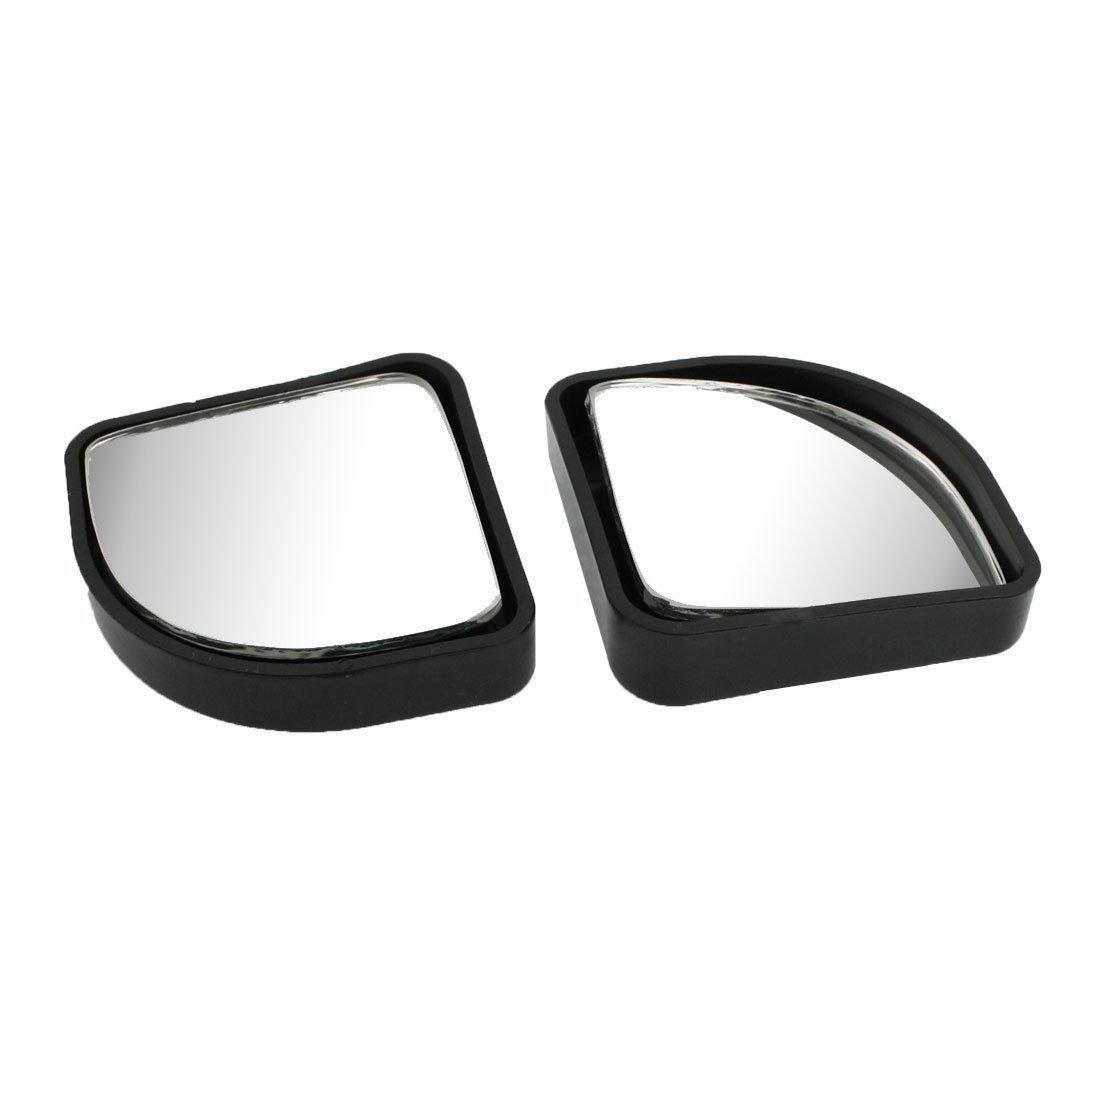 R TOOGOO 2pzs Espejo de punto ciego auxiliar retrovisor de lado ajustable Negro para el coche